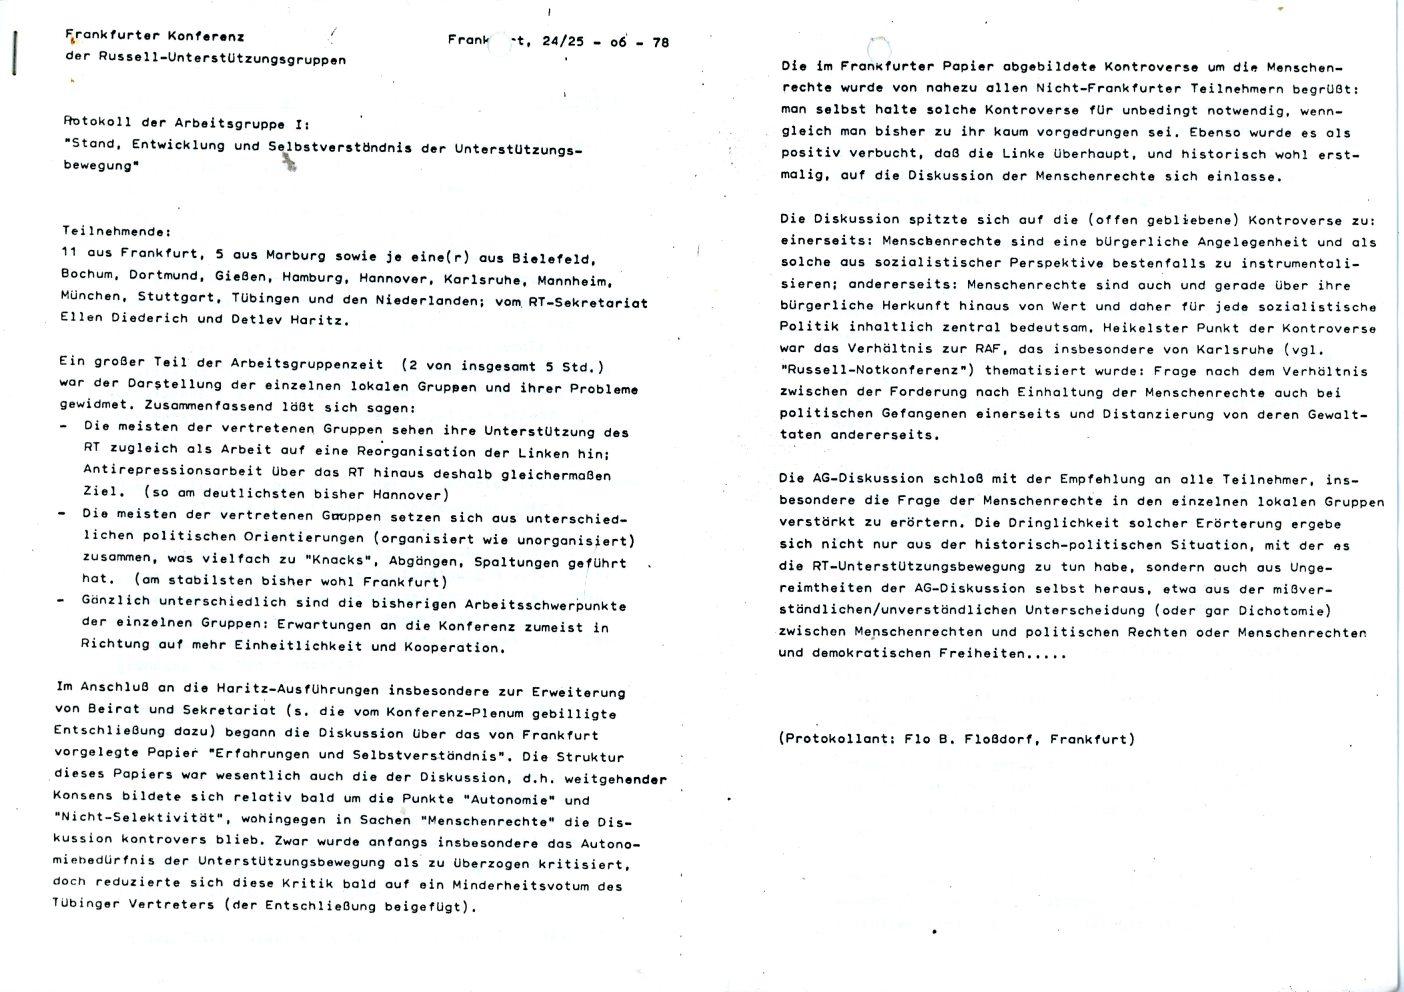 Frankfurt_Konferenz_der_Russell_Unterstuetzungsgruppen_19780624_08